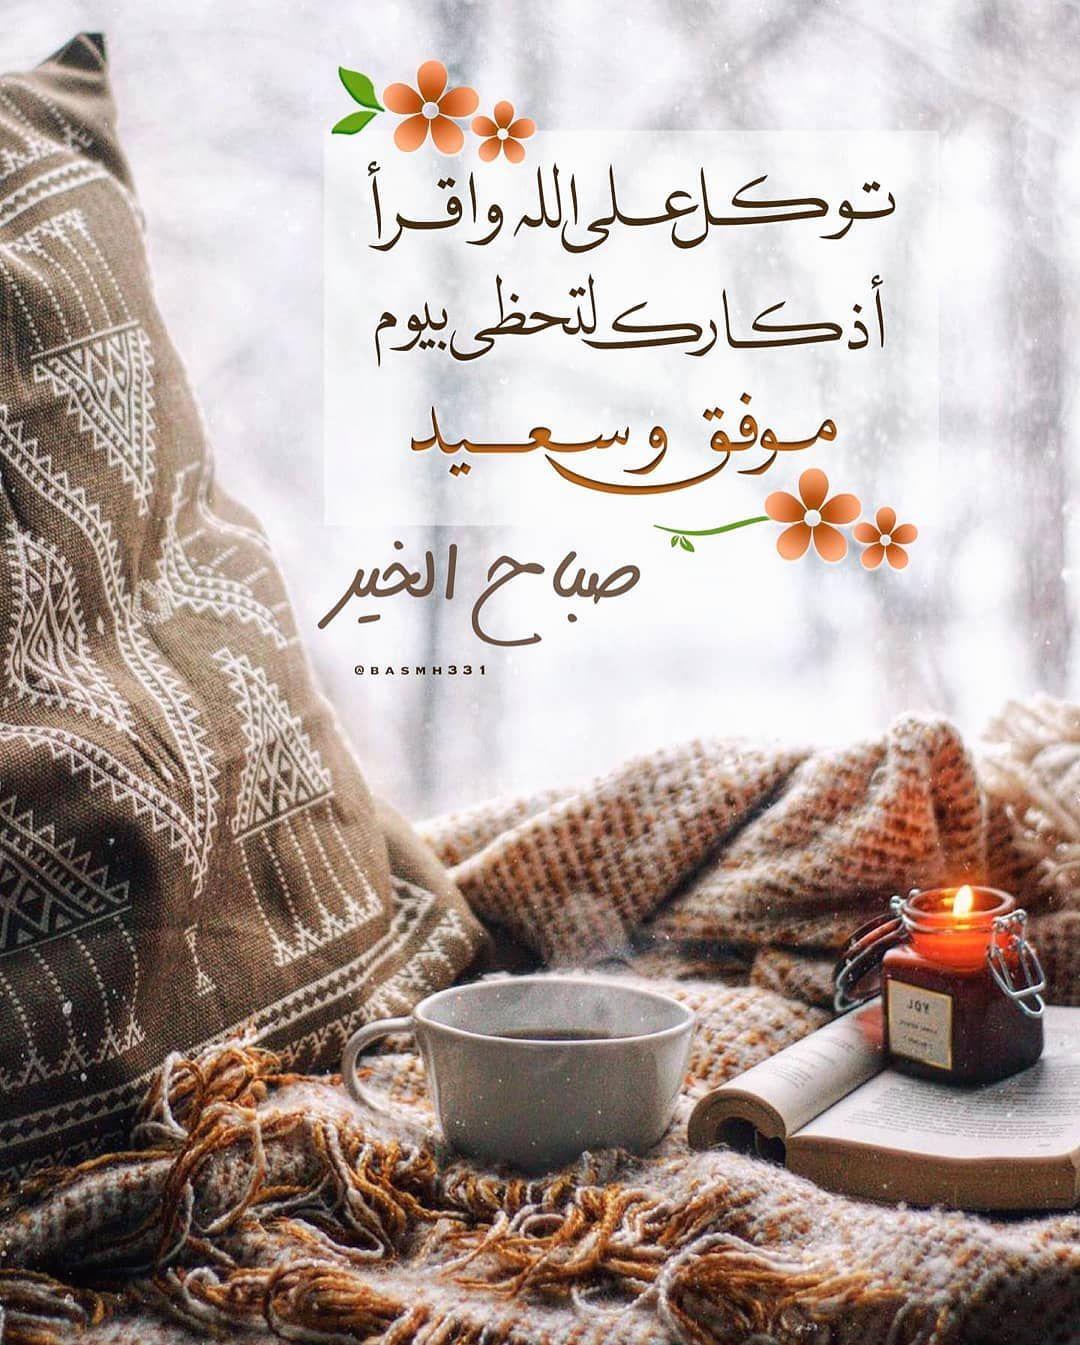 صبح و مساء On Instagram صباح الخير صباح الورد صباحيات صبح صباح صباحو صبح صب Morning Quotes Islamic Pictures Ramadan